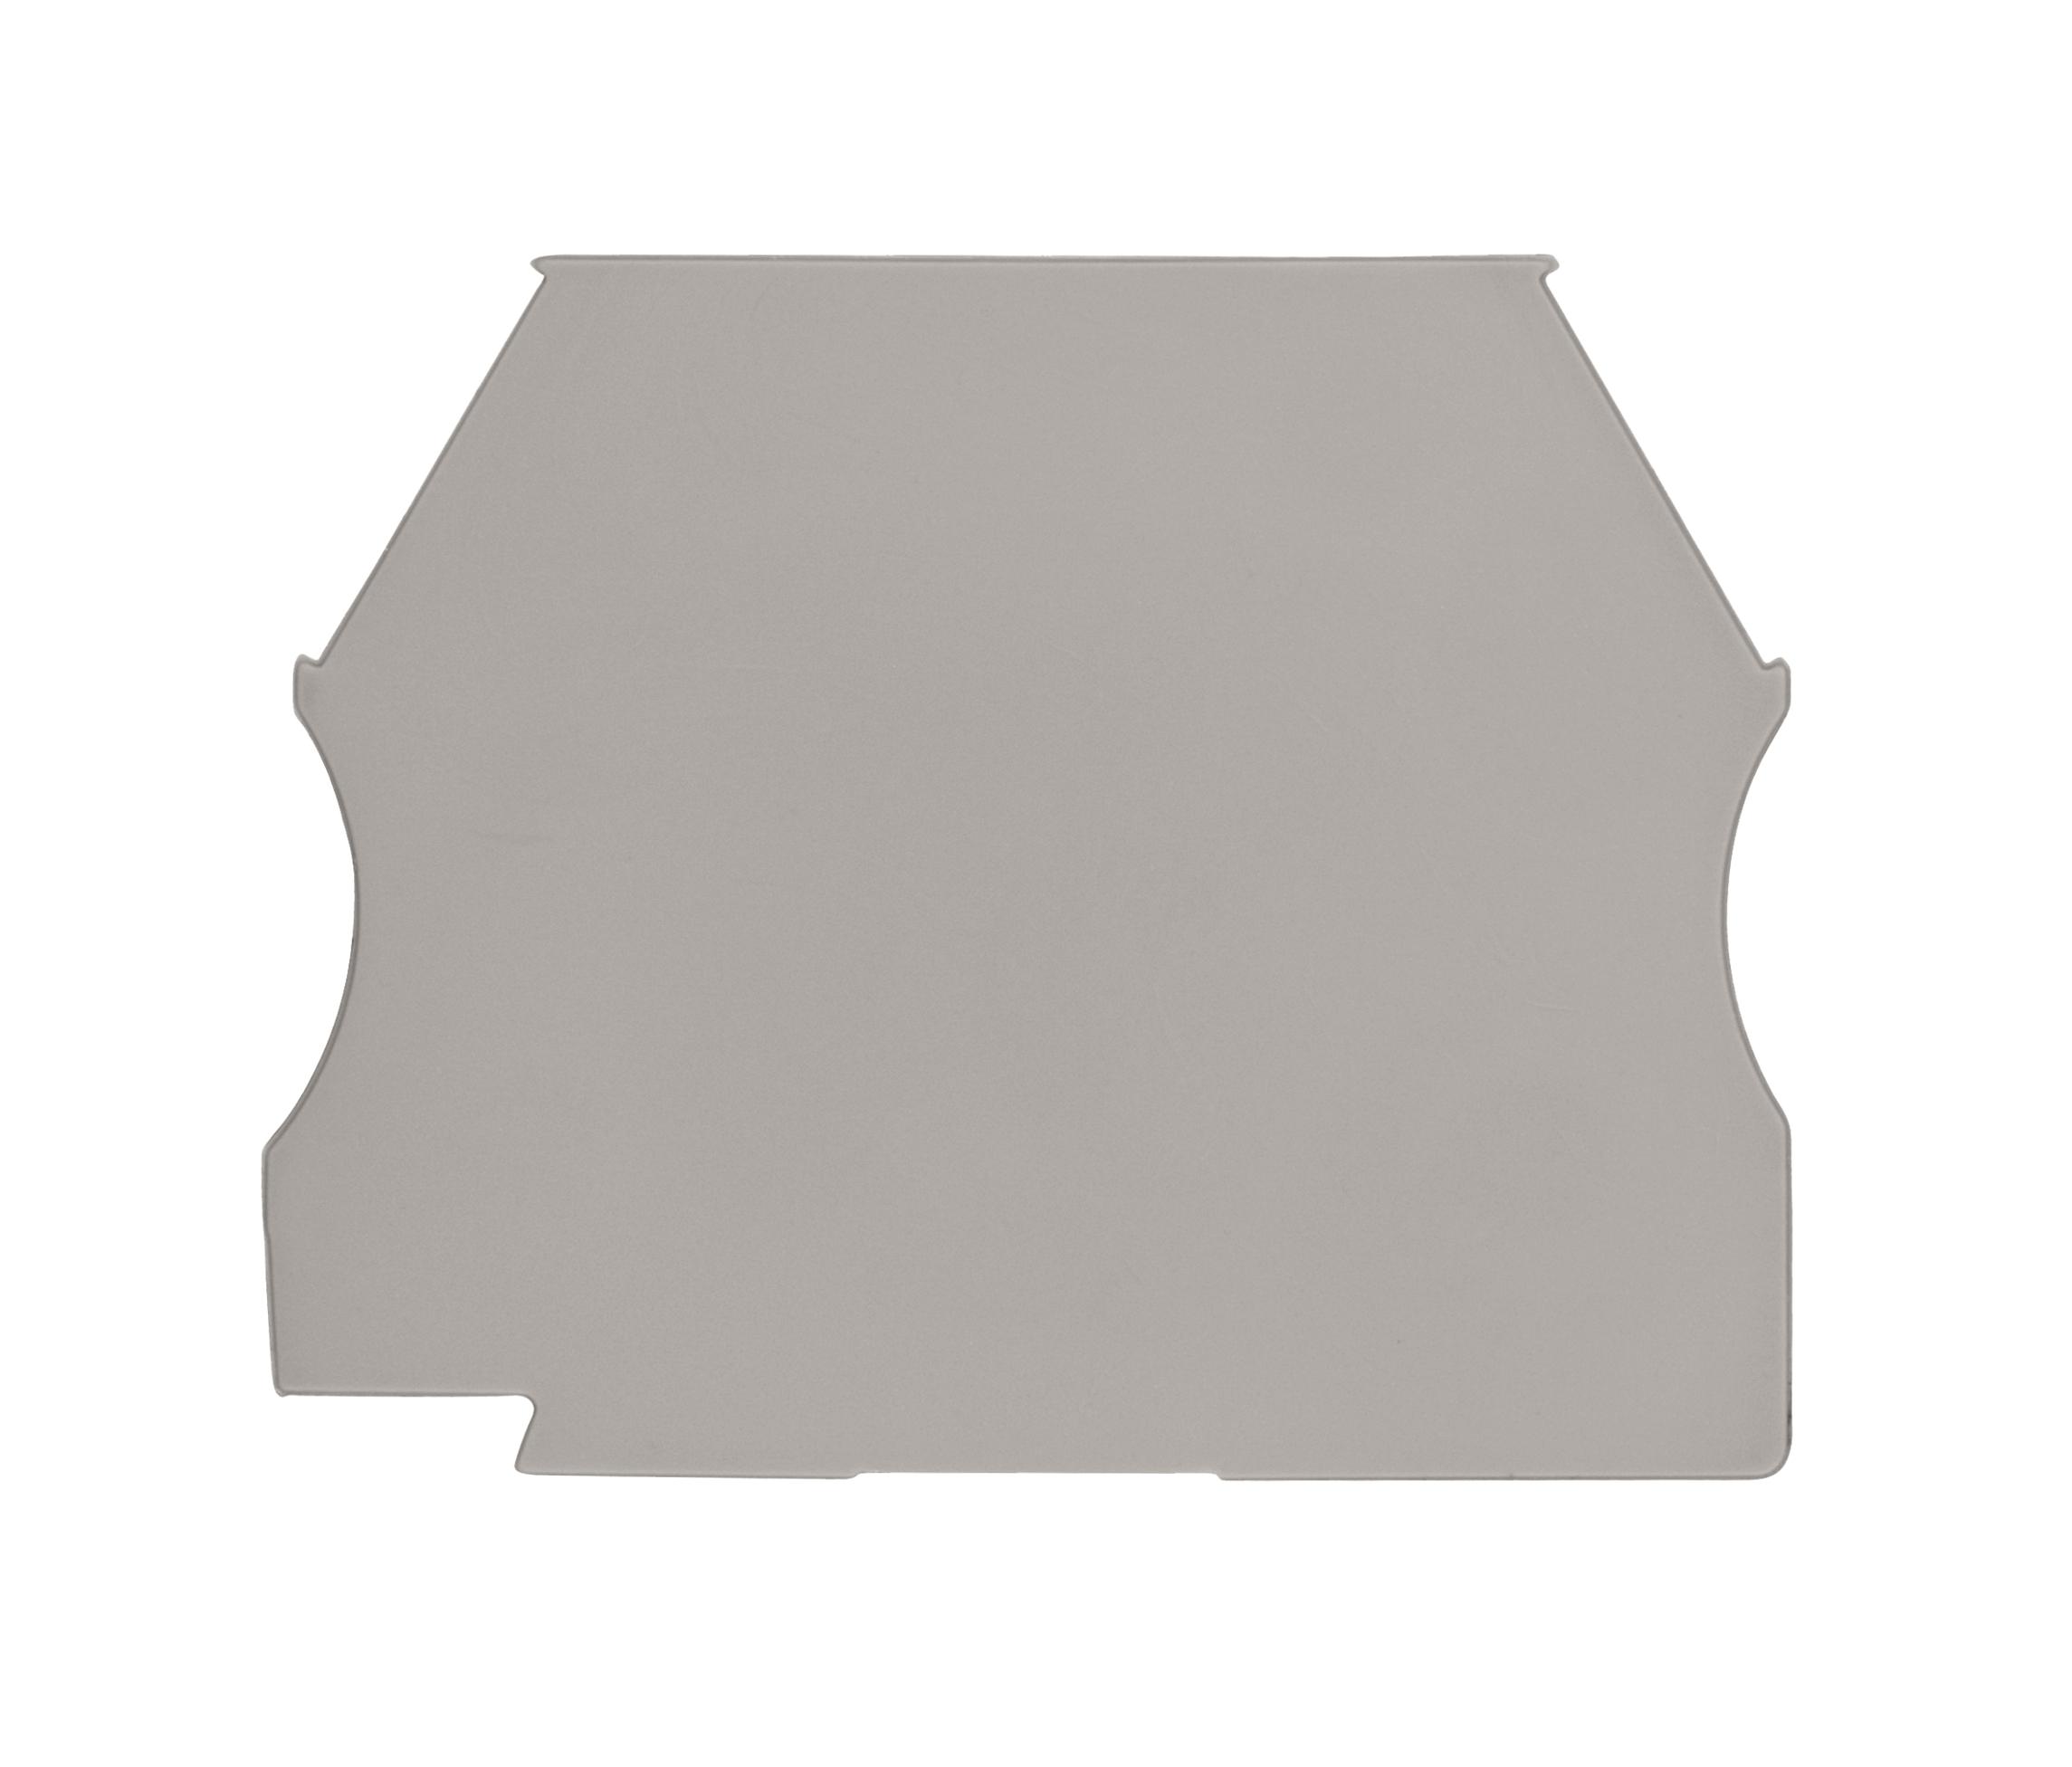 1 Stk Endplatte für Schraubklemmen AVK 2.5, 4, 6 und 10 grau IK600210--